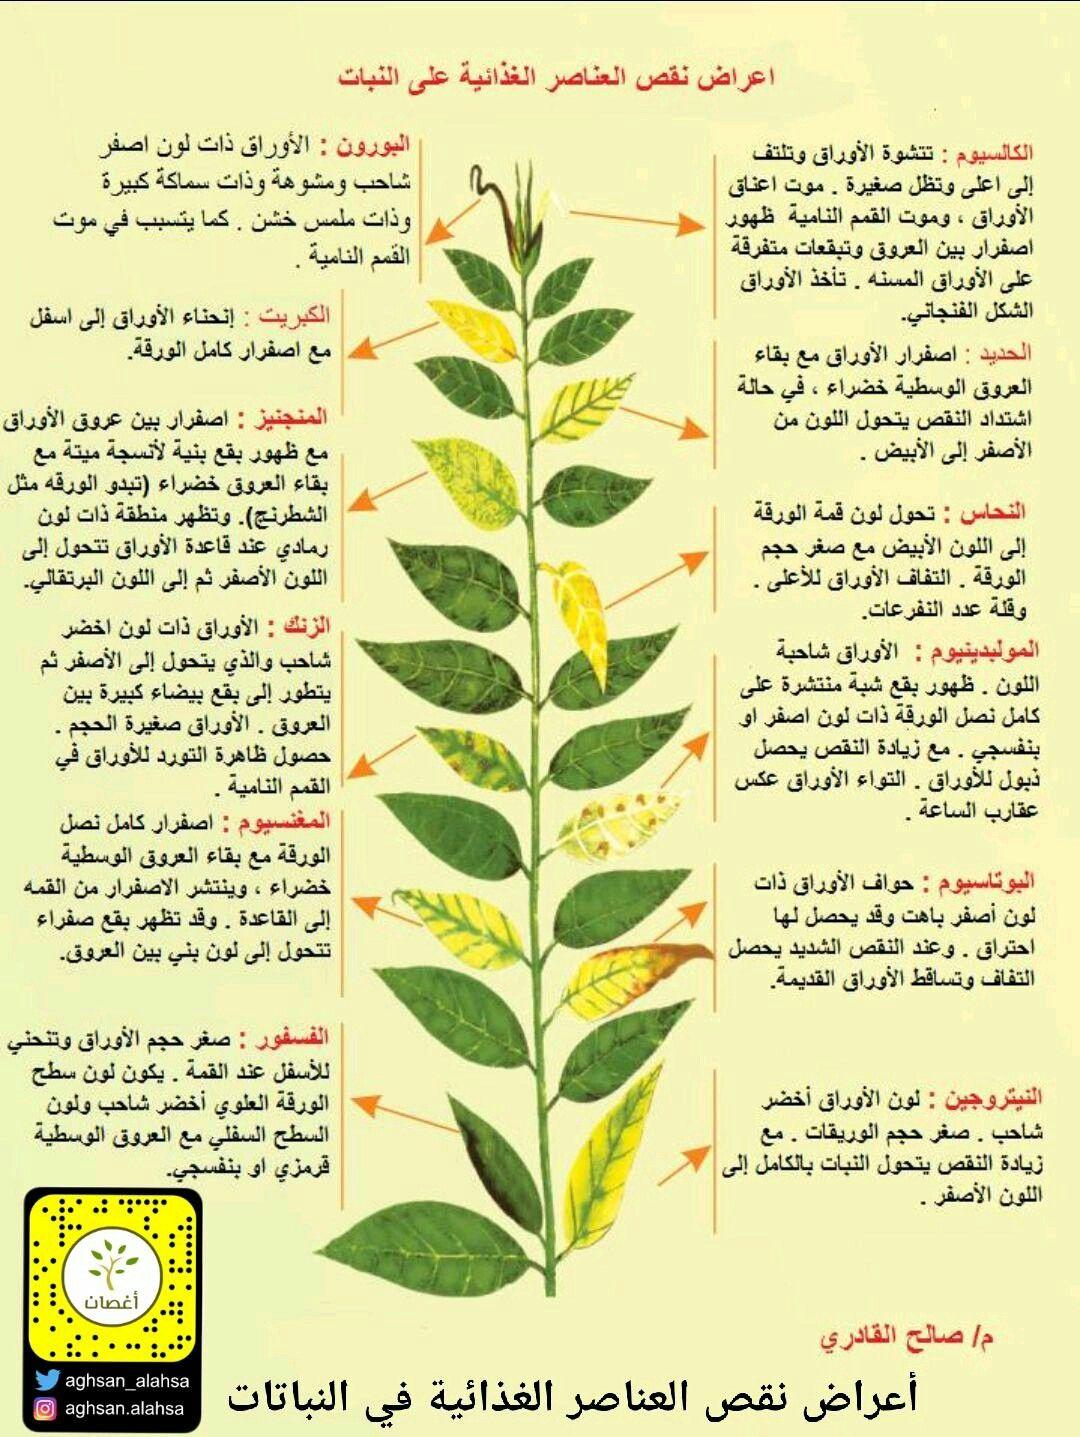 أعراض نقص العناصر الغذائية عند النباتات Plant Leaves Plants Garden